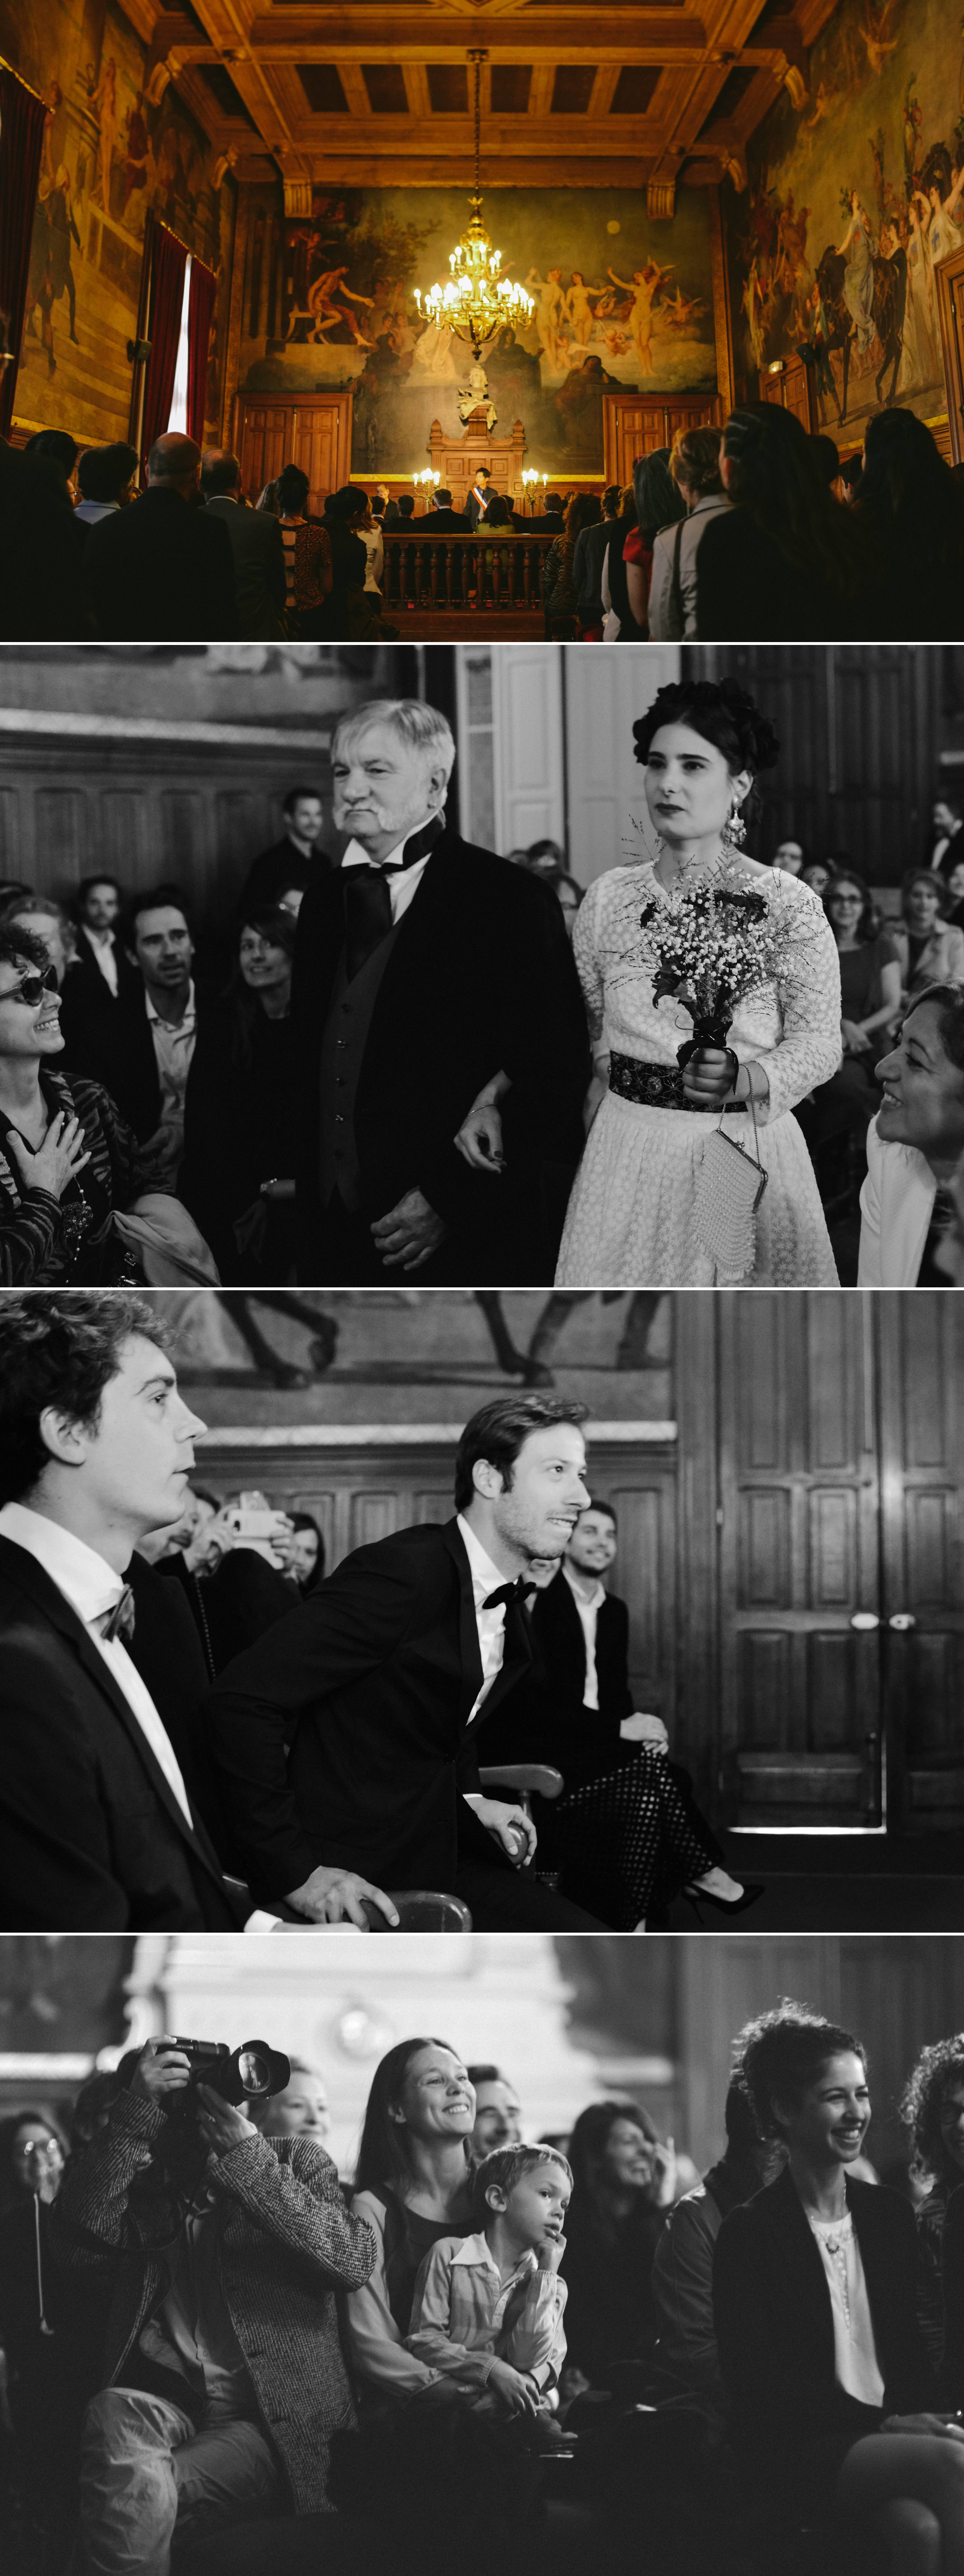 photographe-mariage-enclos-monptlaisir-paris-bordeaux 16